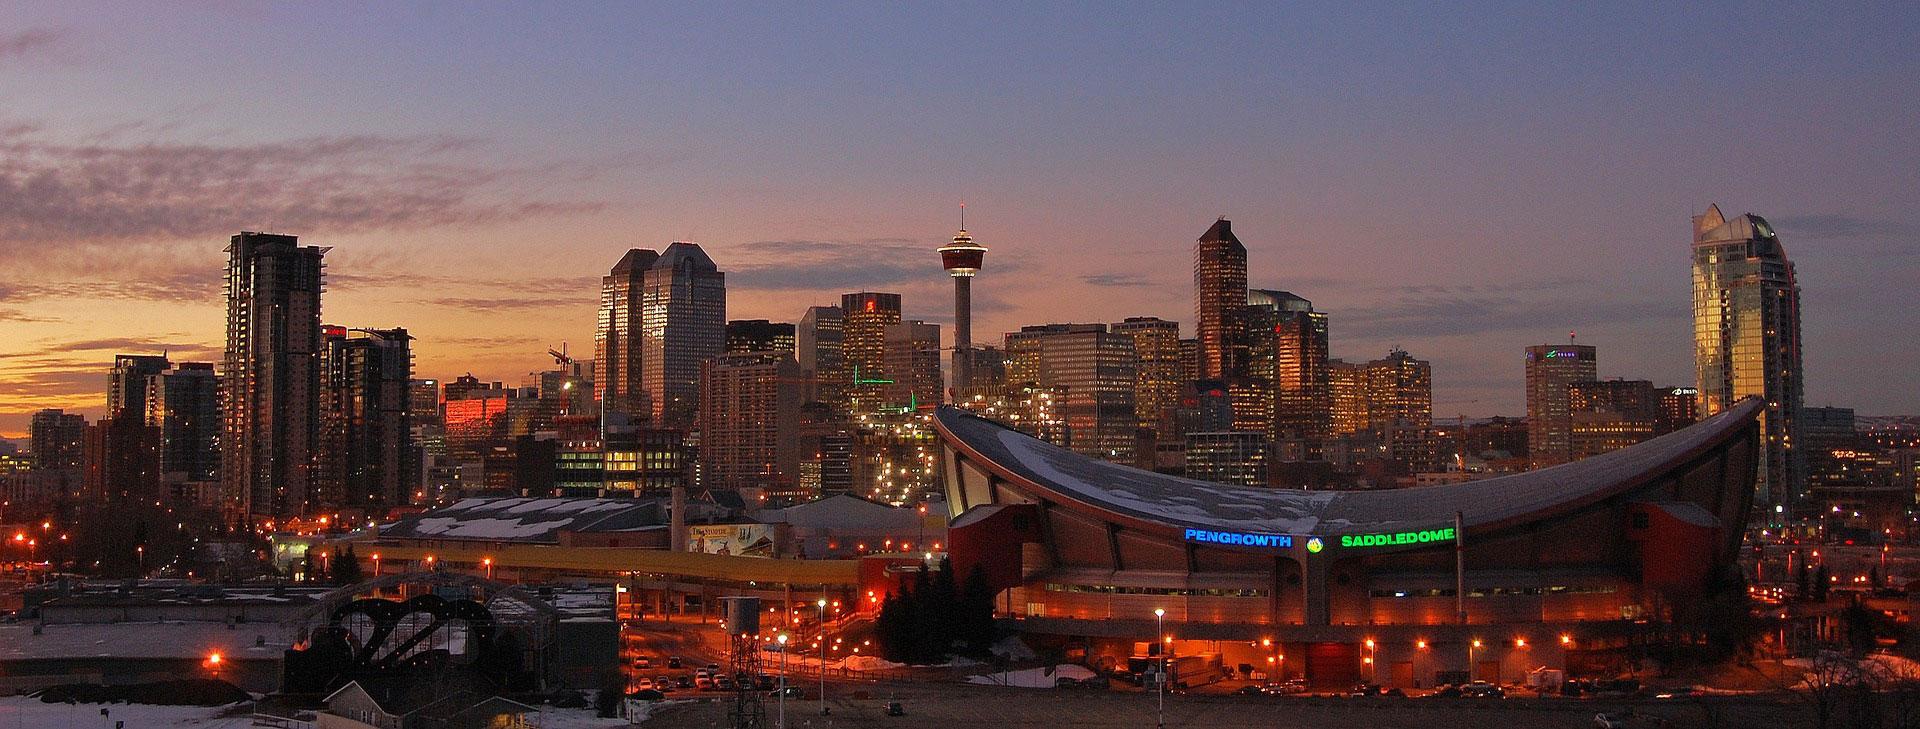 Se trata dela mayor ciudad de la provincia de Alberta en Canadá